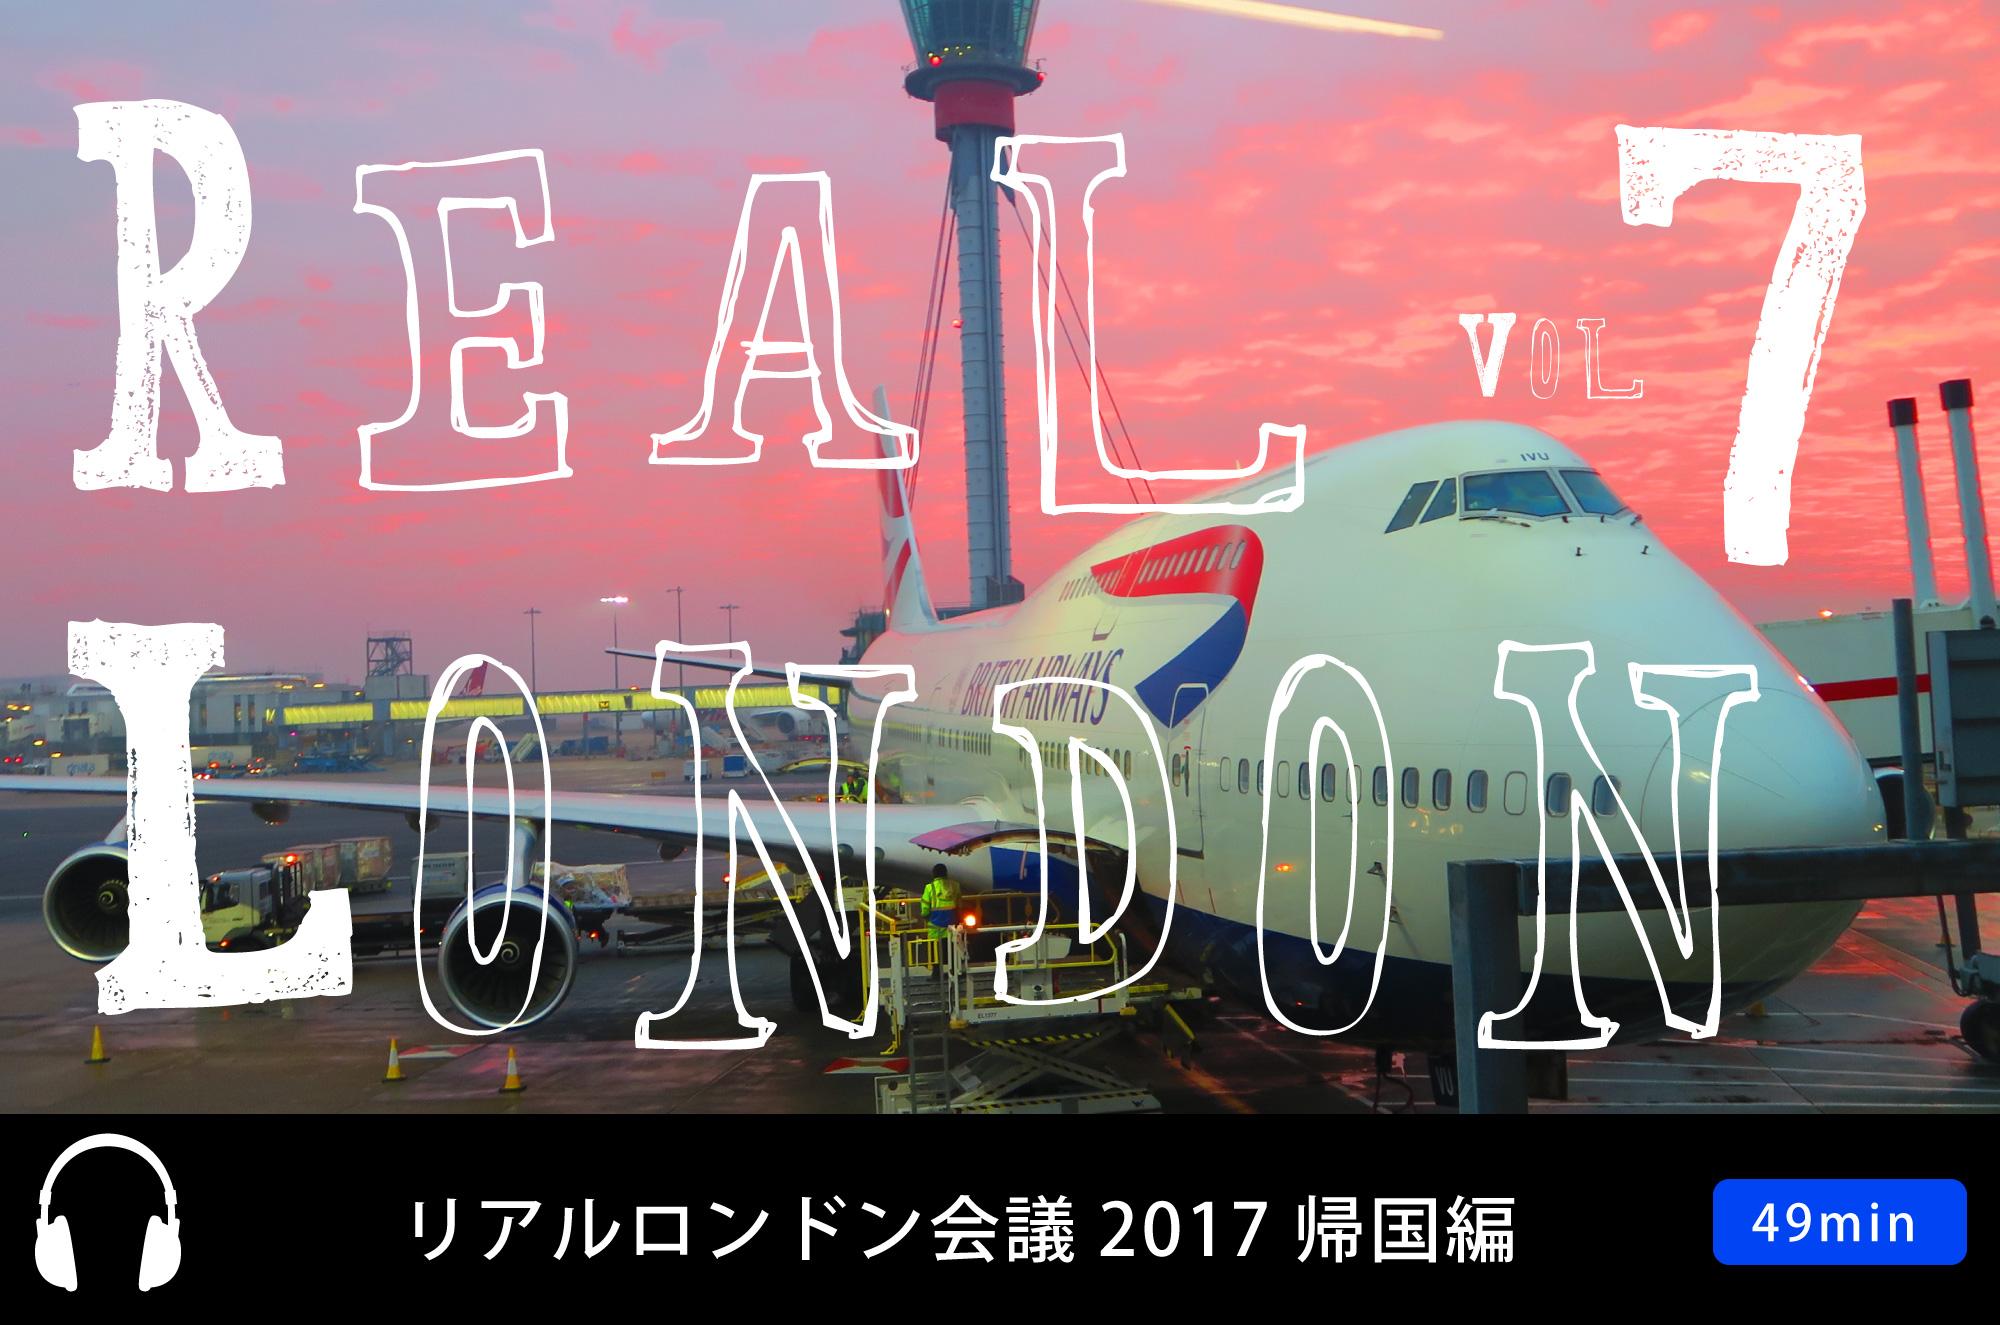 リアルロンドン会議2017・帰国編:飛行機のことが未だに信用できない件/関空〜ロンドン便・乗ってよかった飛行機会社ランキング/飛行機のベストな座席位置は?